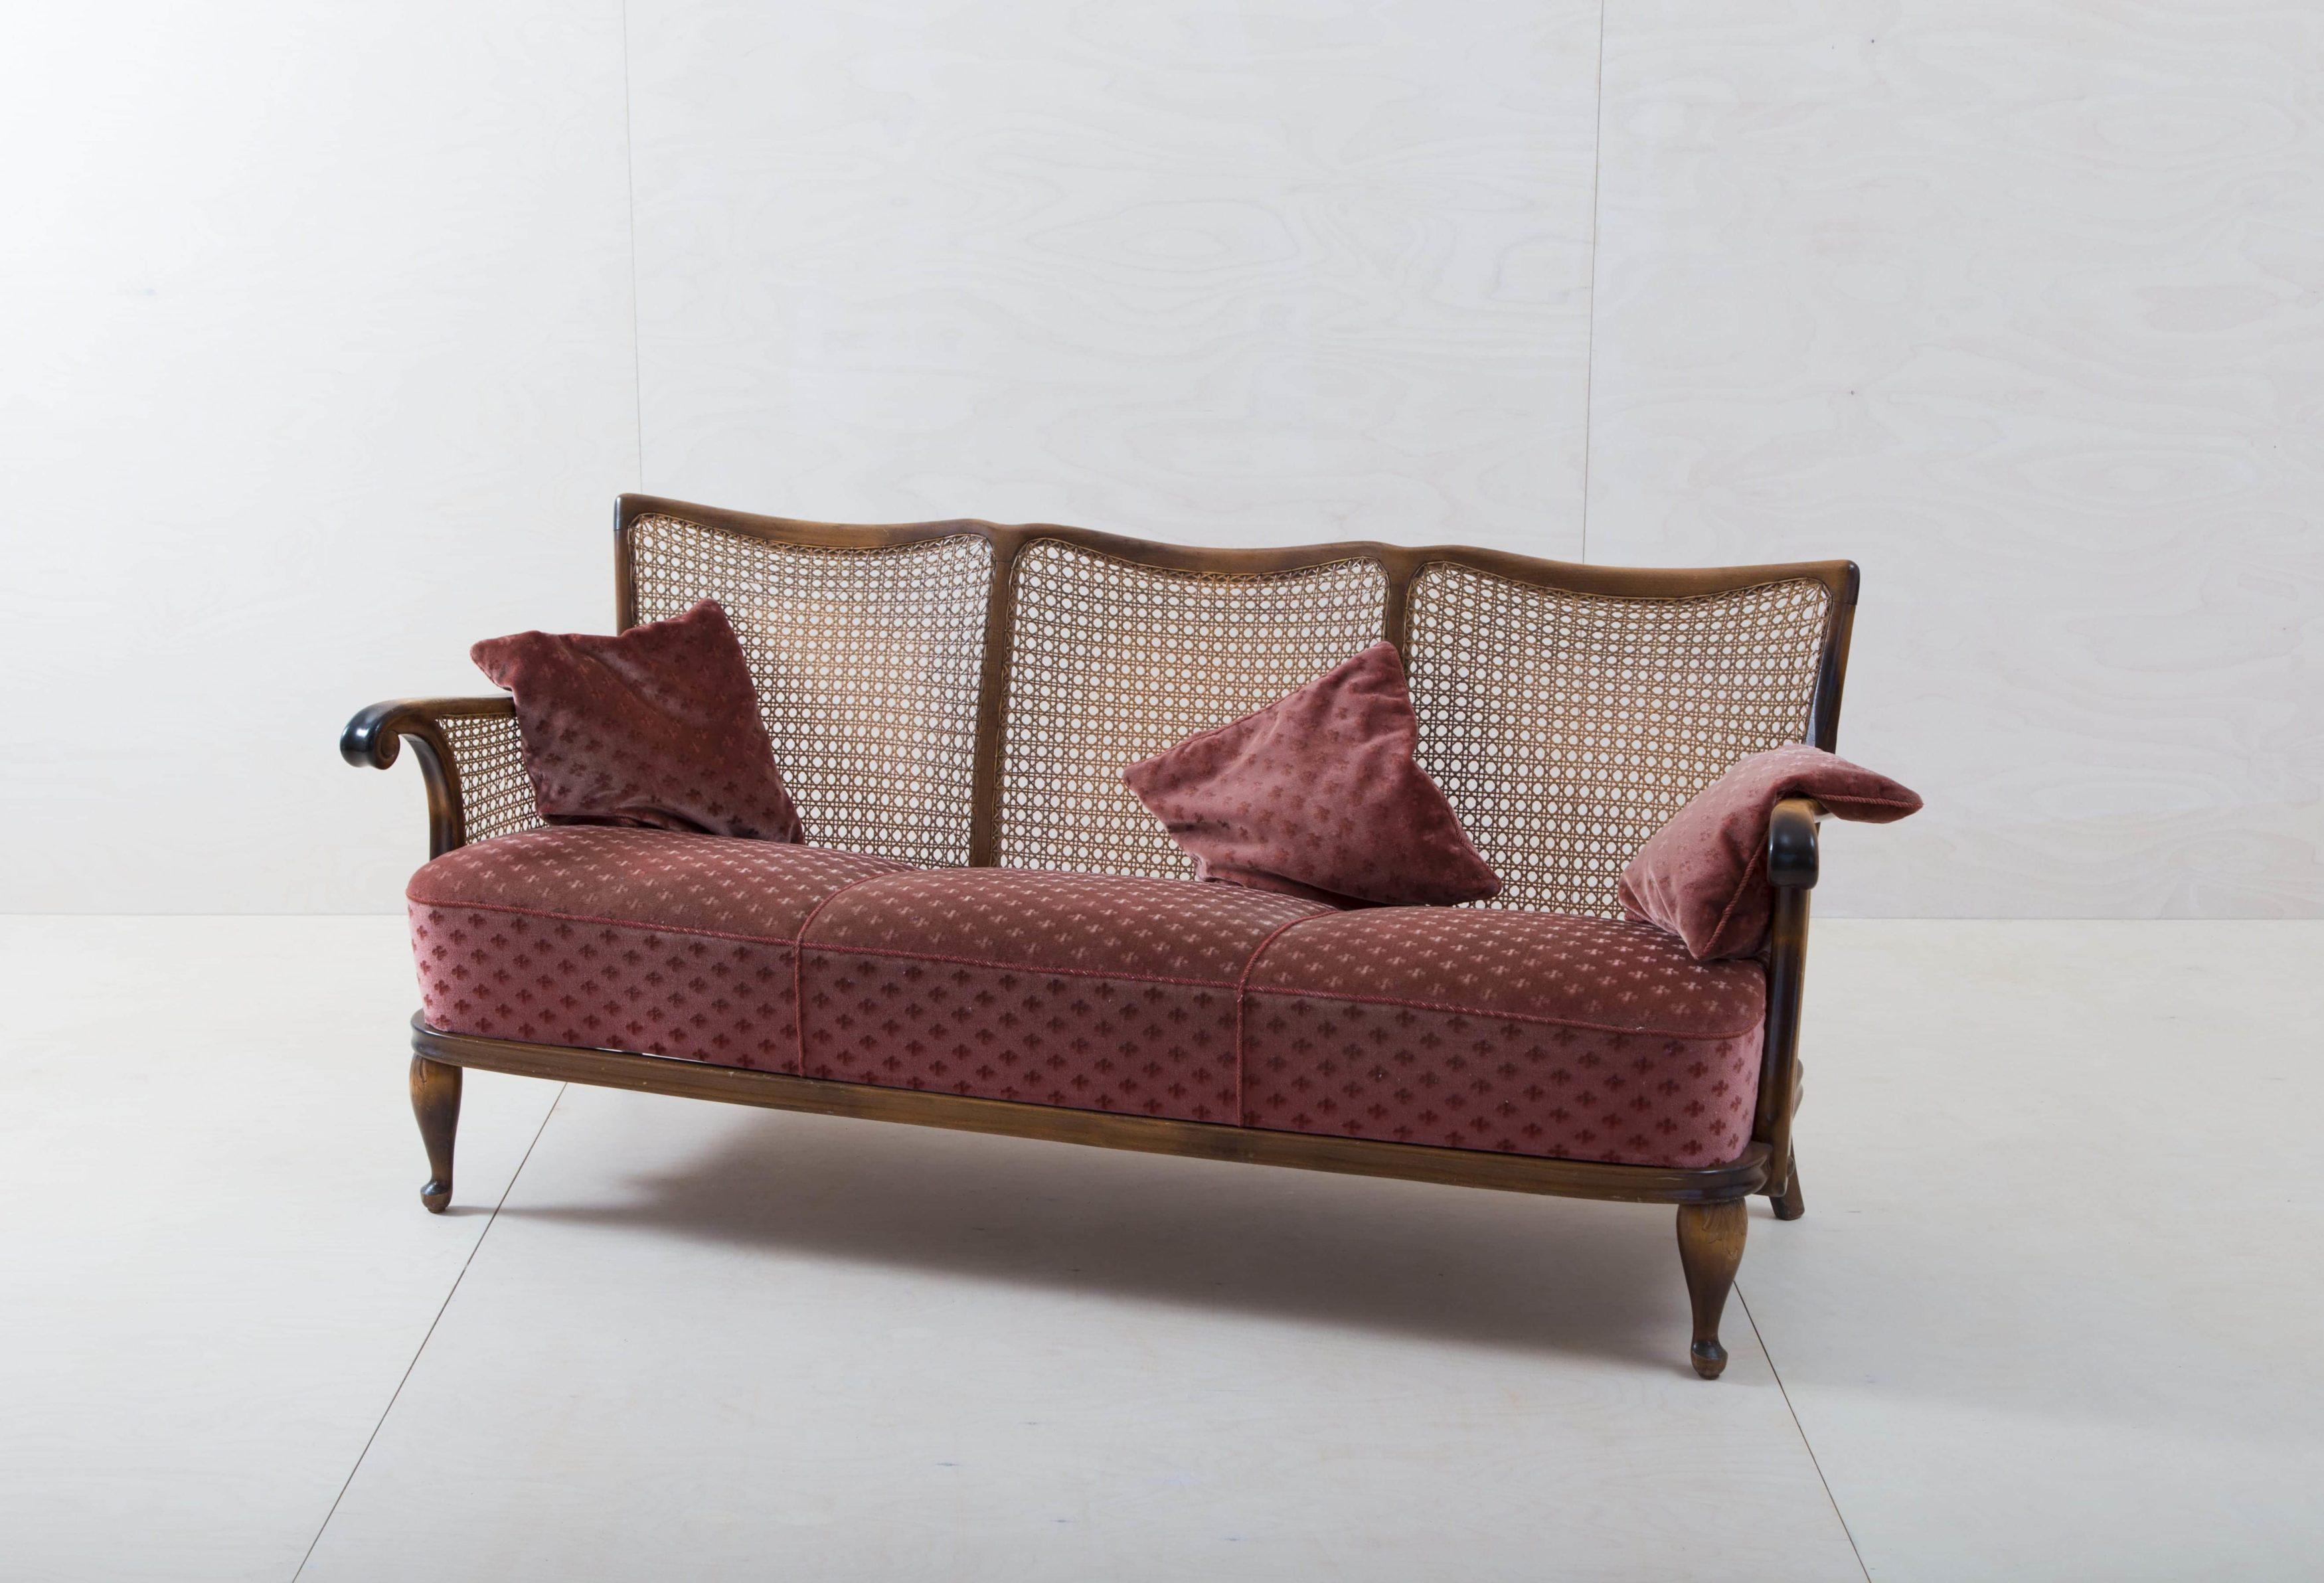 Rote Vintage Couch mit Samtbezug zu mieten